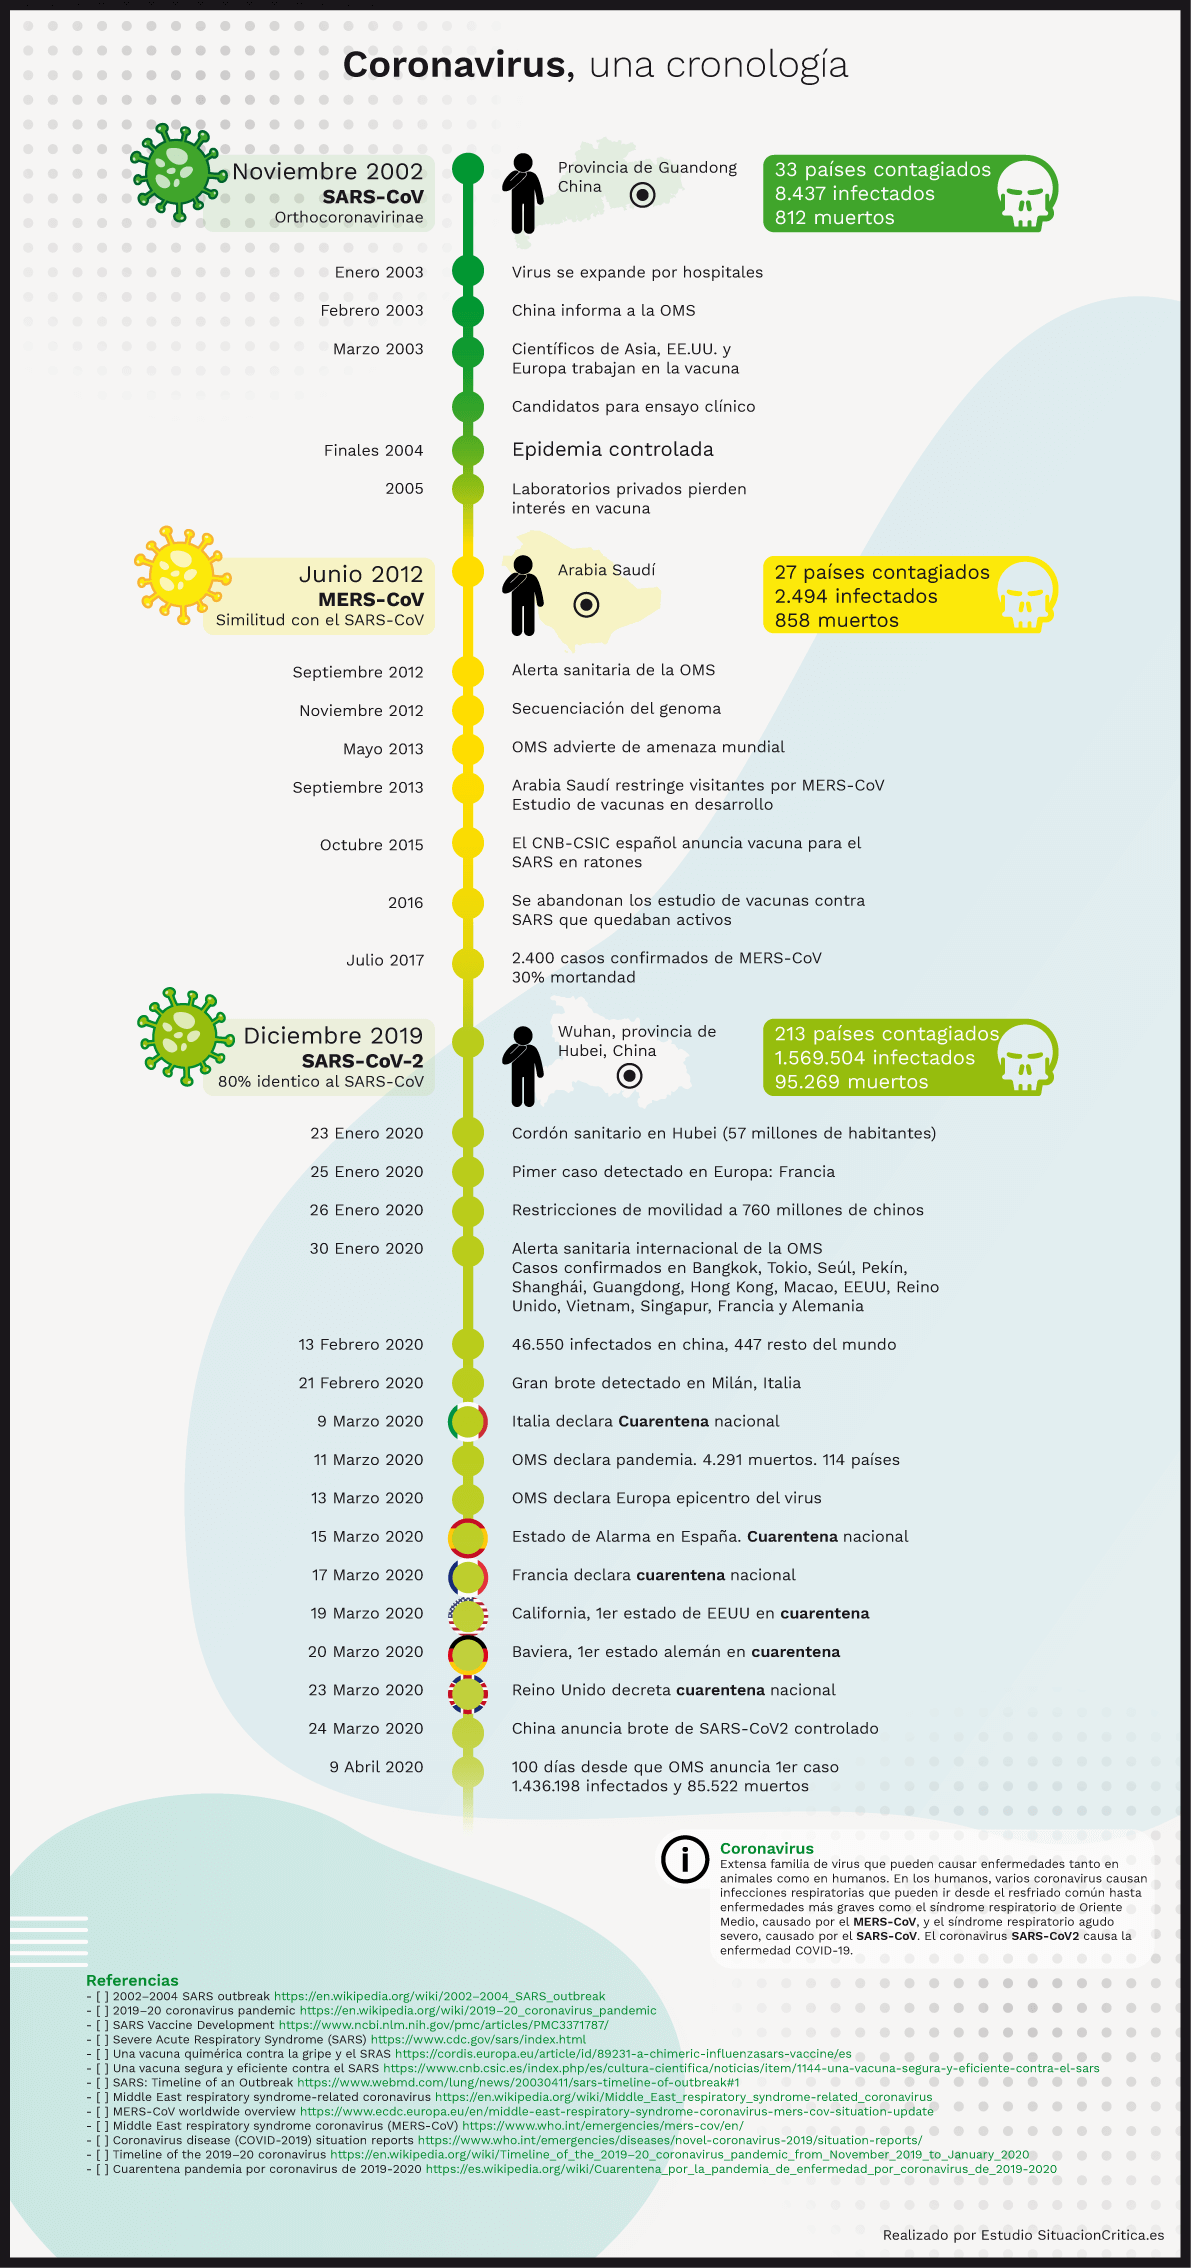 Cronologia de los coronavirus